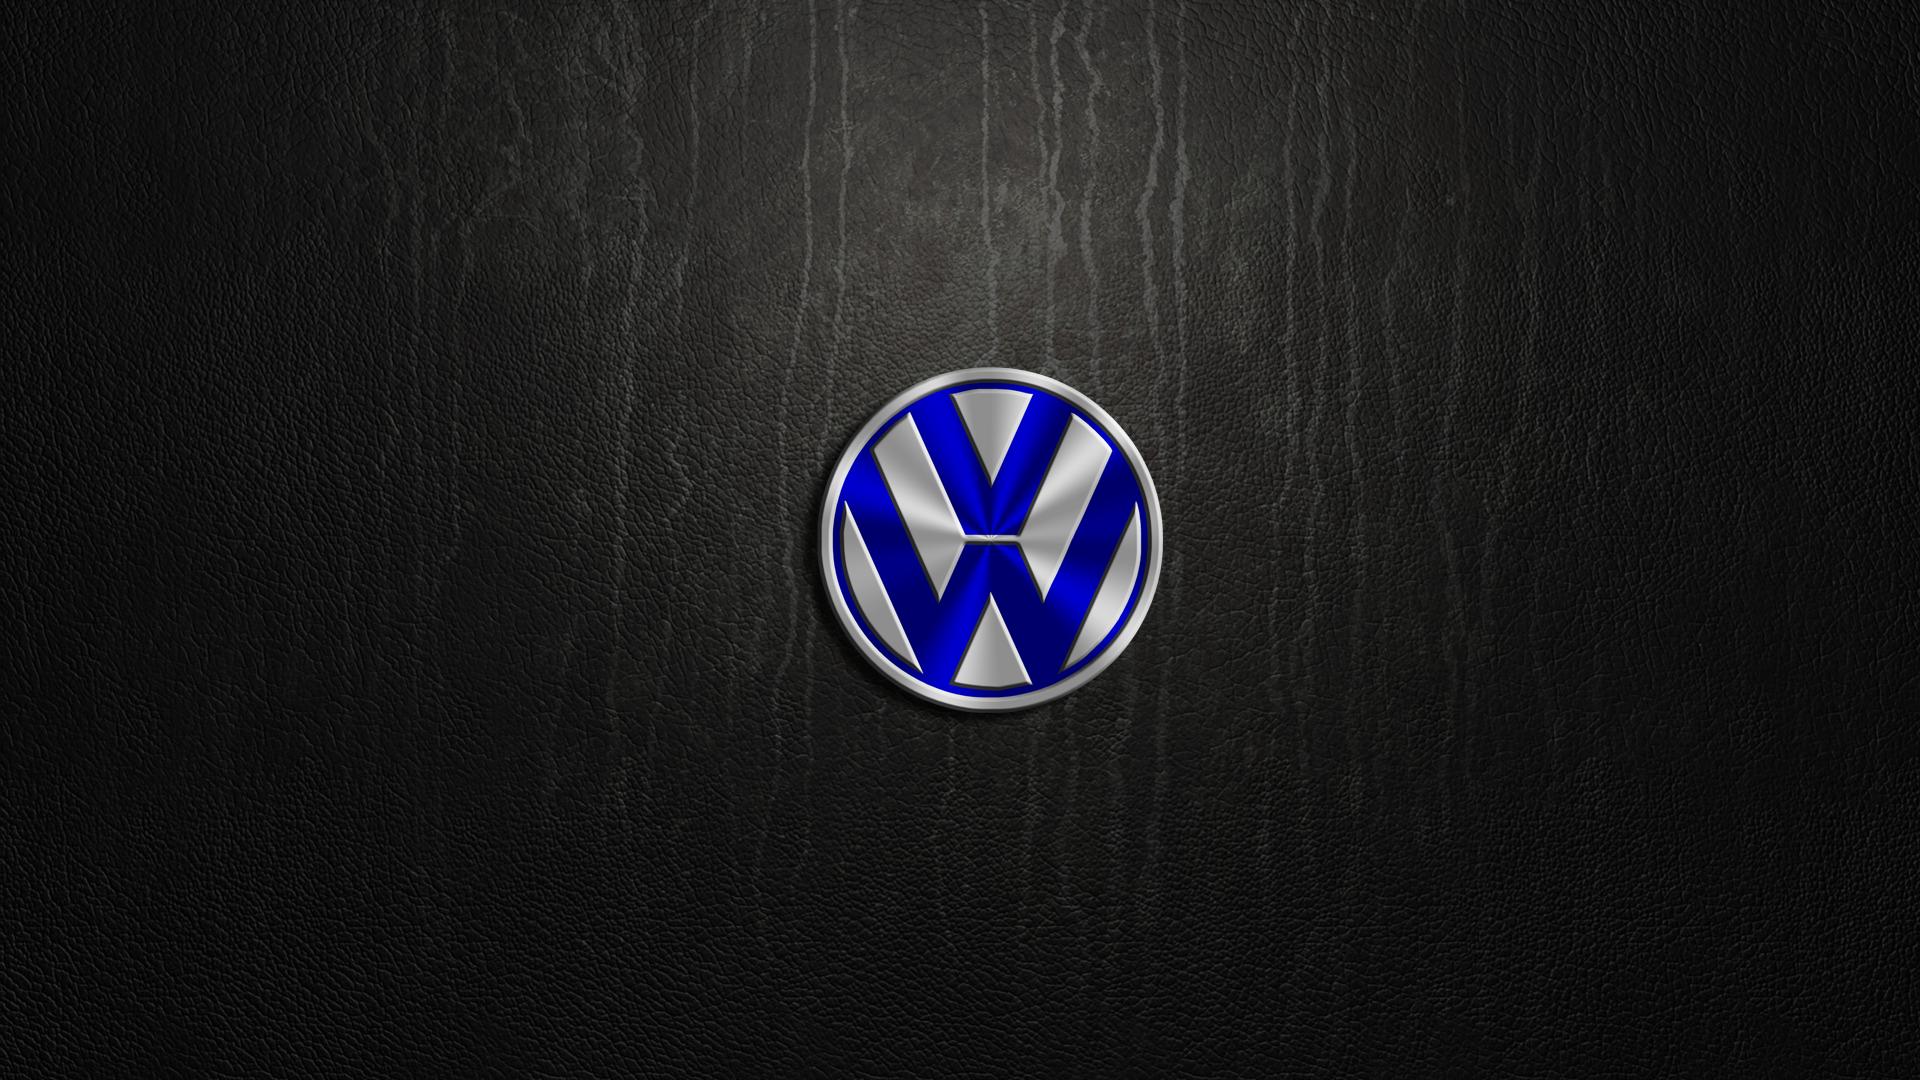 Volkswagen Computer Wallpapers Desktop Backgrounds 1920x1080 ID 1920x1080